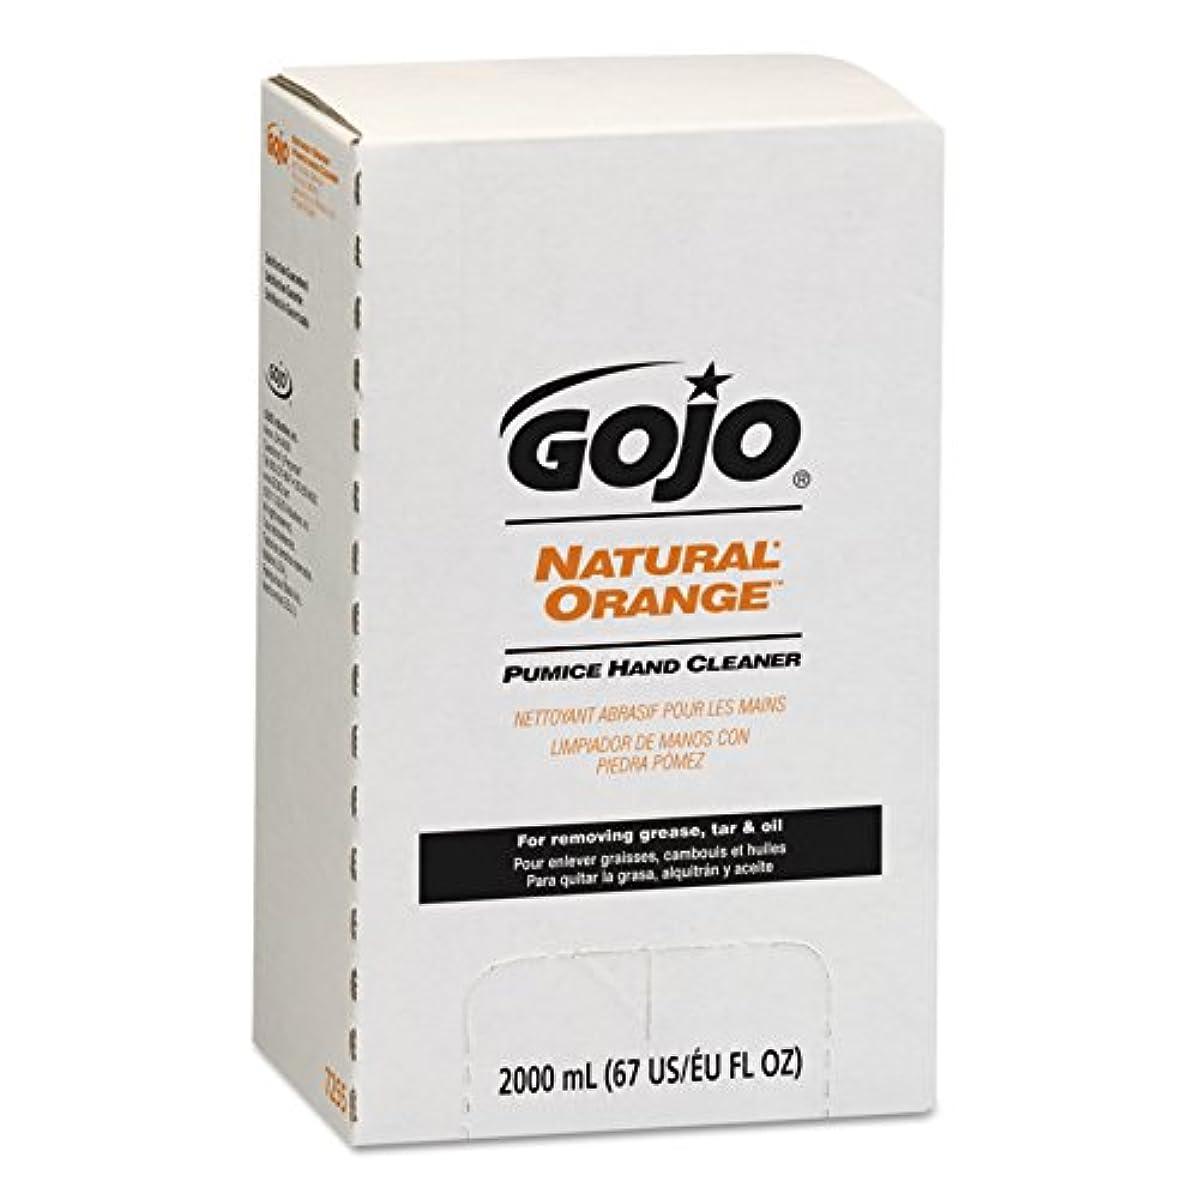 ウェイトレス半球不測の事態NATURAL ORANGE Pumice Hand Cleaner Refill, Citrus Scent, 2000 mL, 4/Carton (並行輸入品)